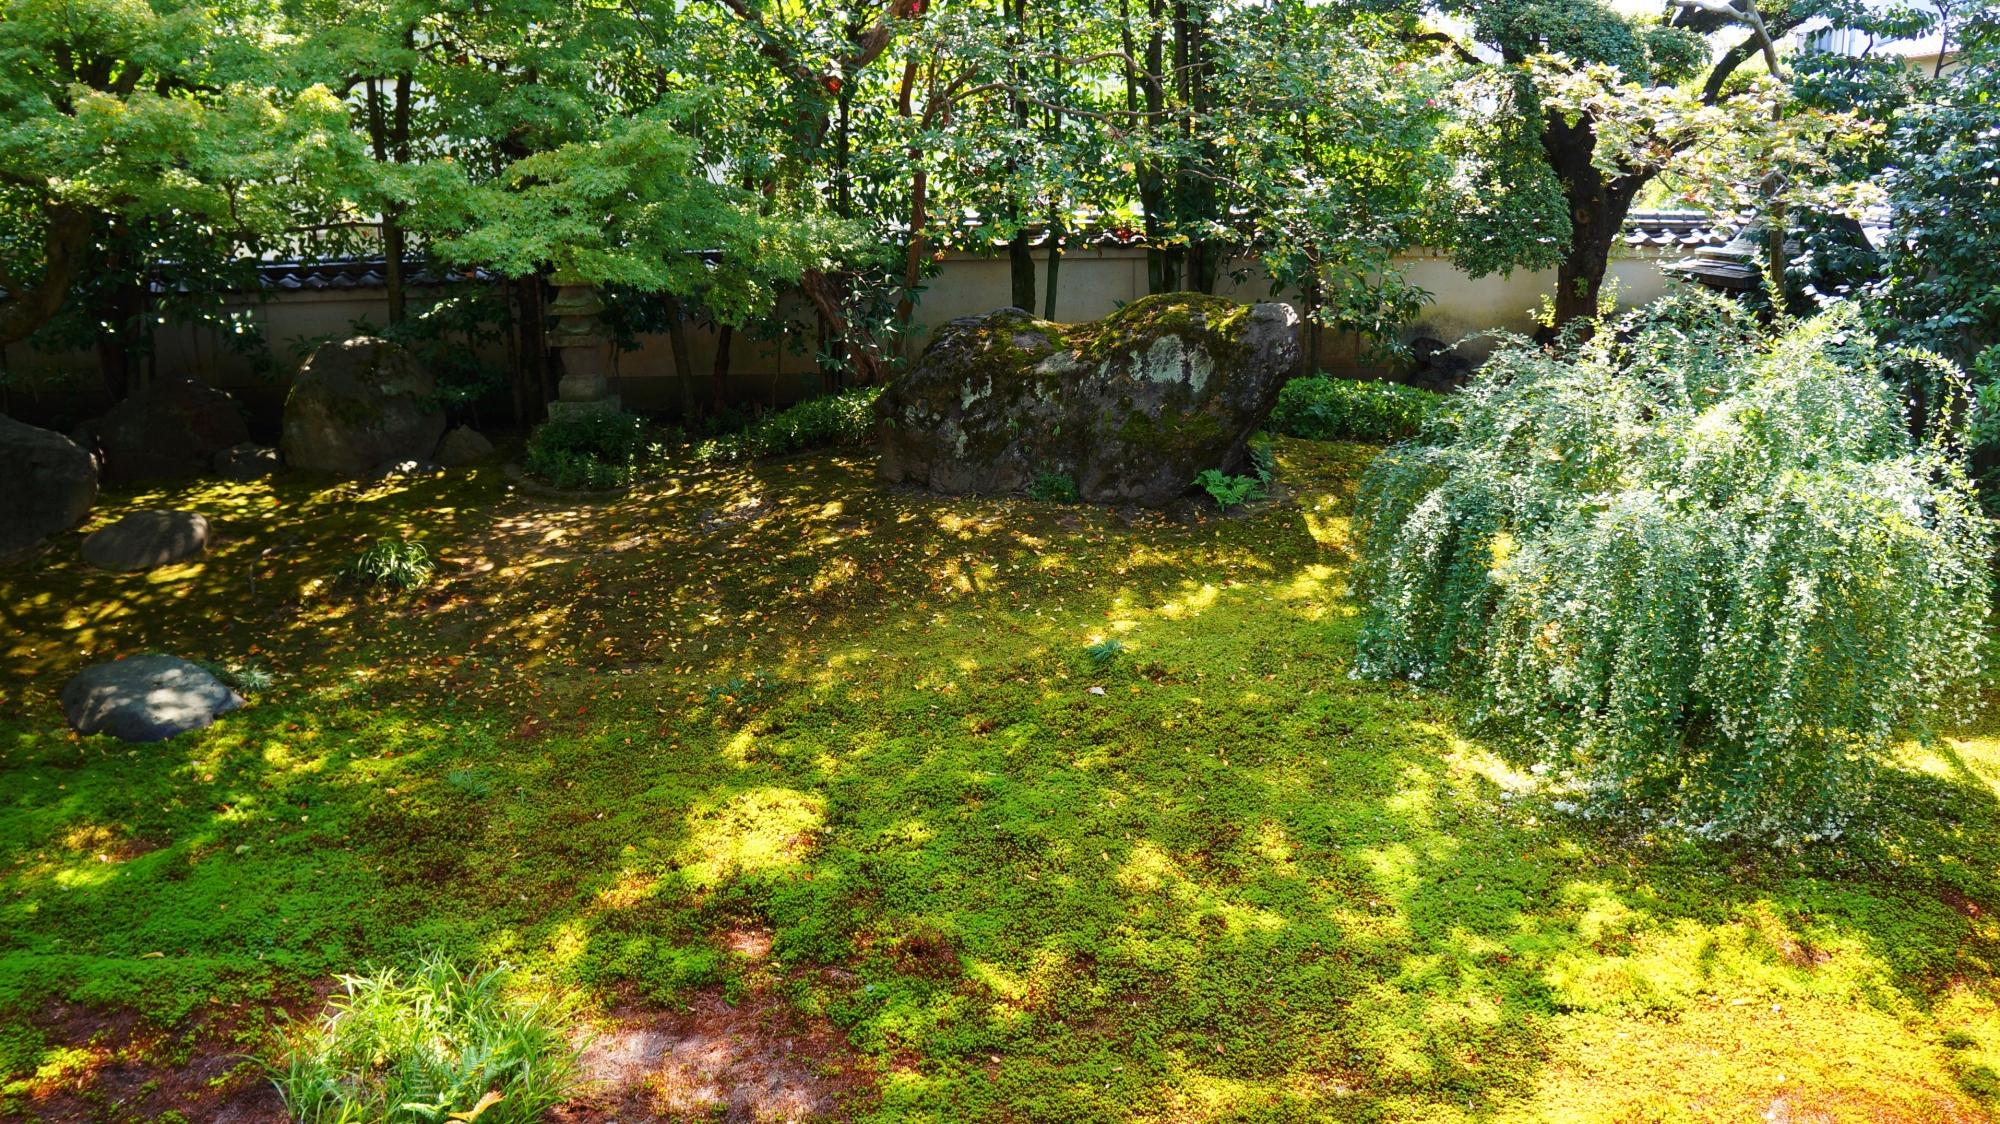 法輪寺(達磨寺)の下は鮮やかな苔に覆われた方丈庭園